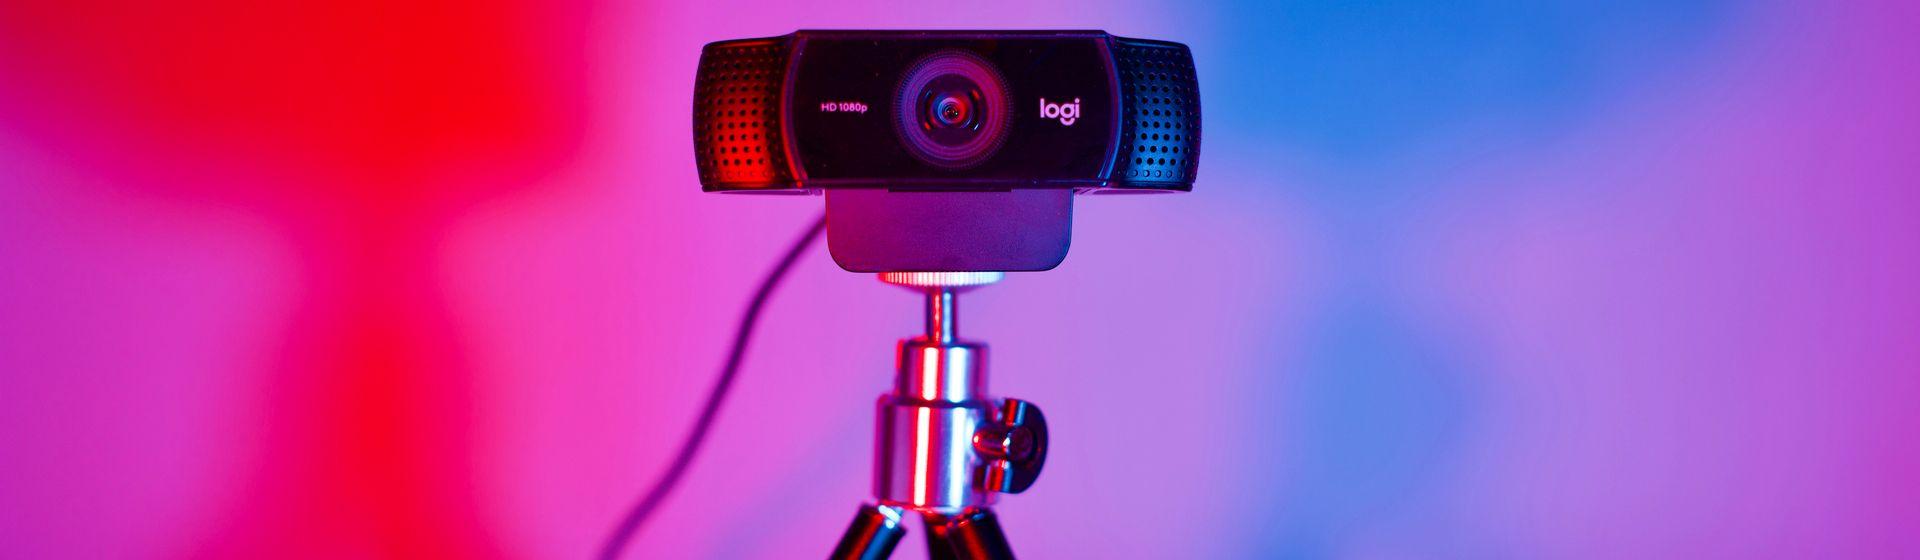 Webcam Logitech C920 é boa? Veja a análise de ficha técnica